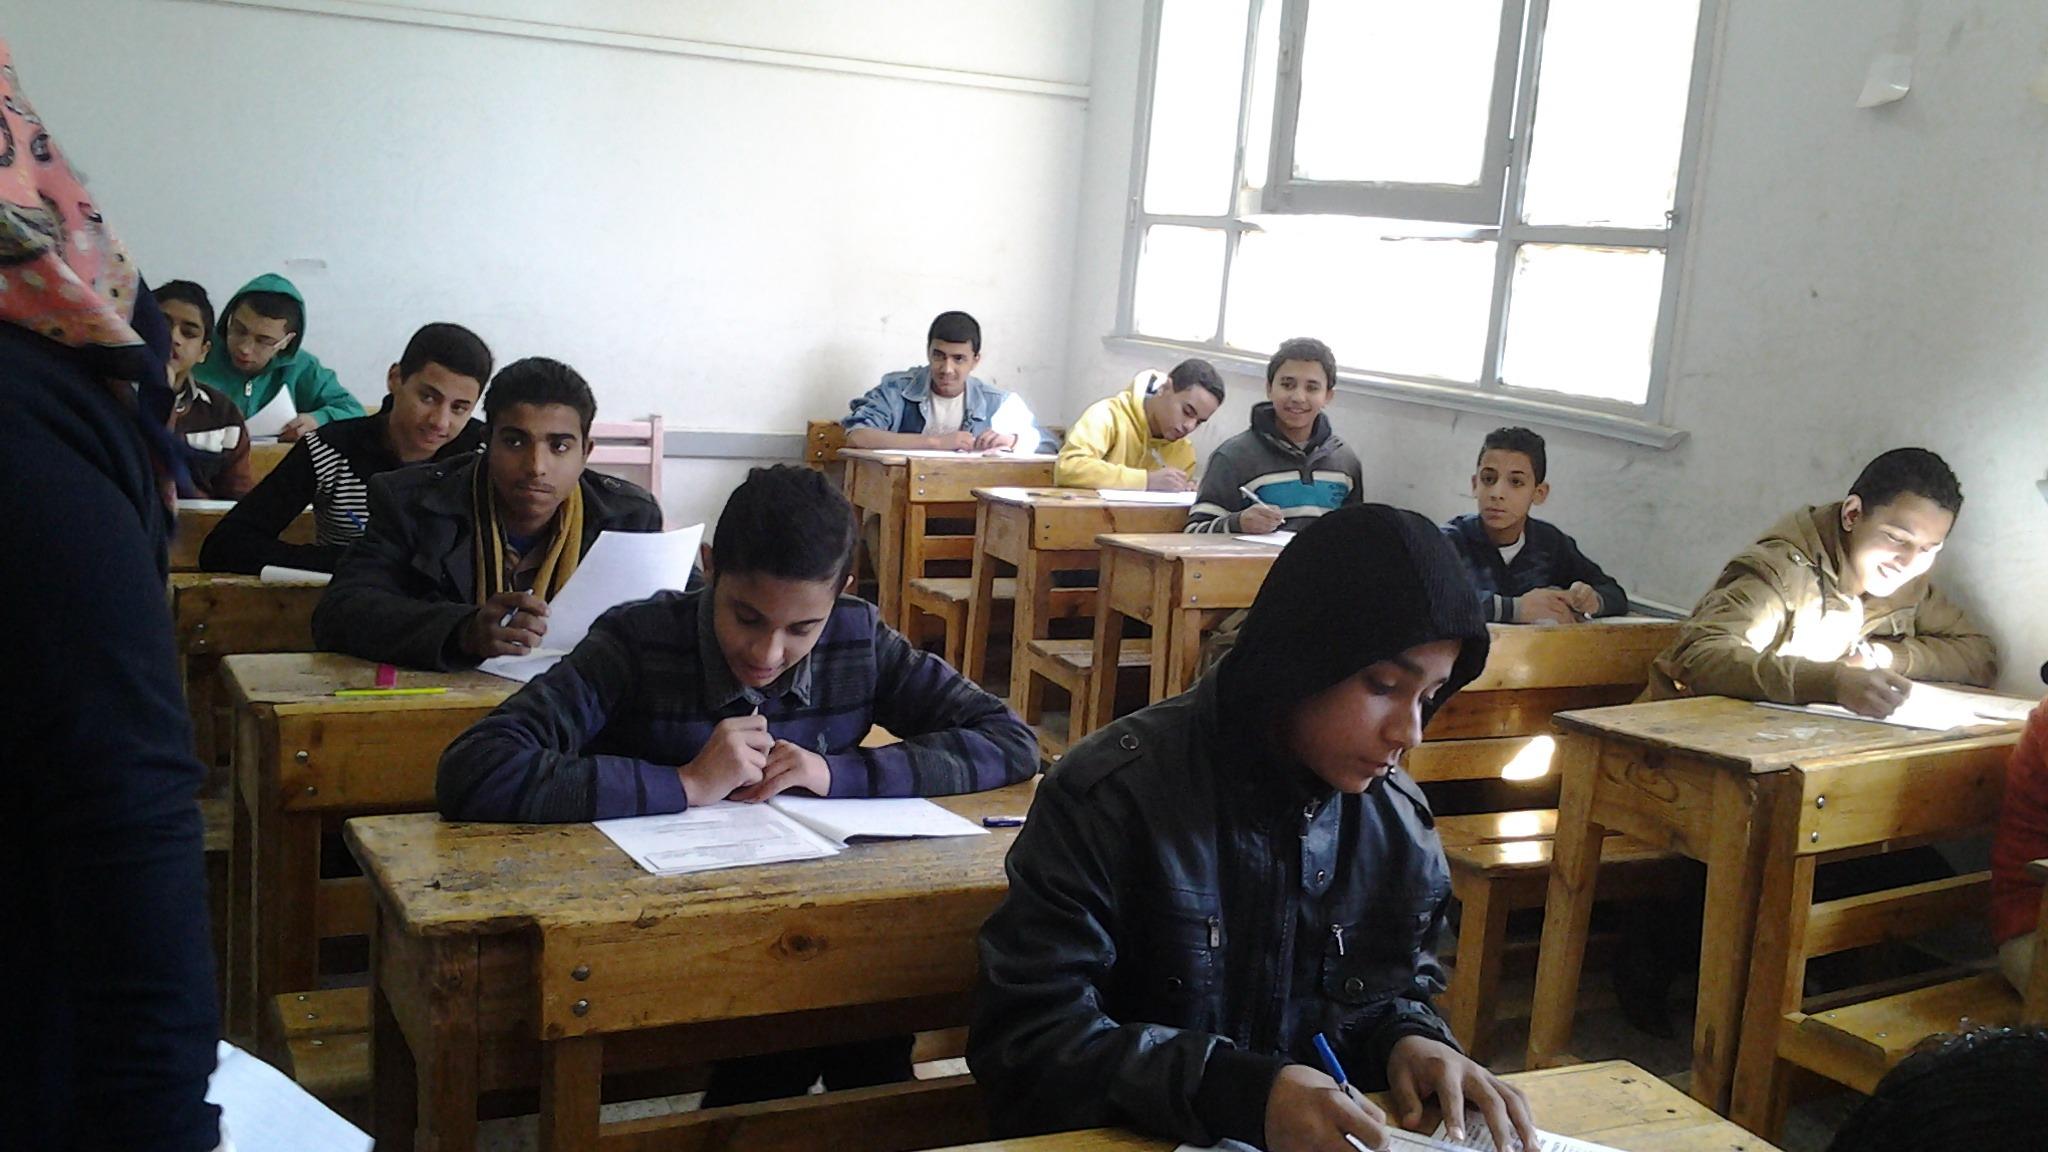 نماذج امتحانات الإستاتيكا لطلاب الثانوية العامة